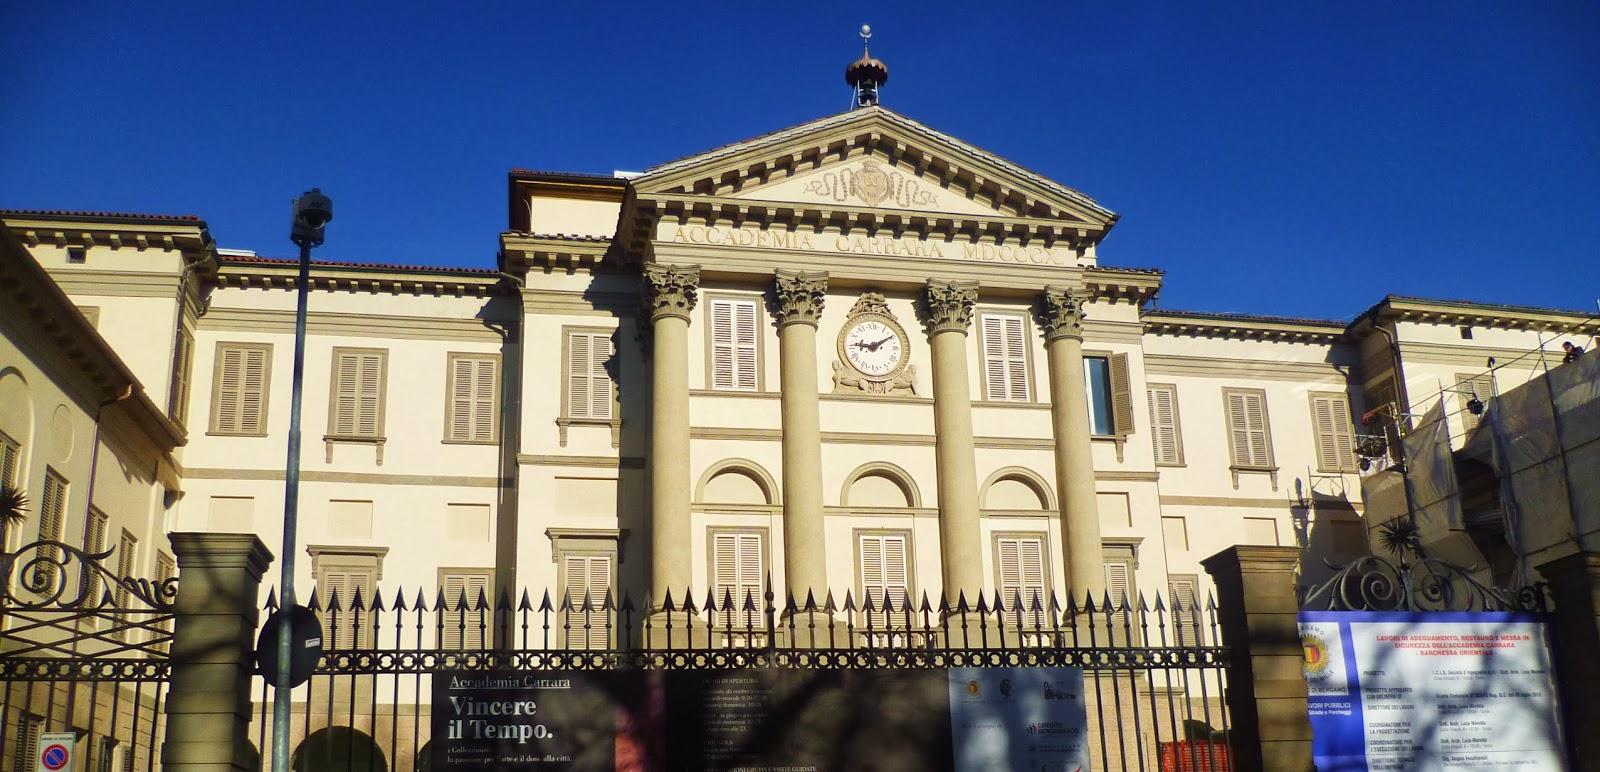 Svirgolettate bergamo scrigno prezioso di arte for Galleria carrara bergamo